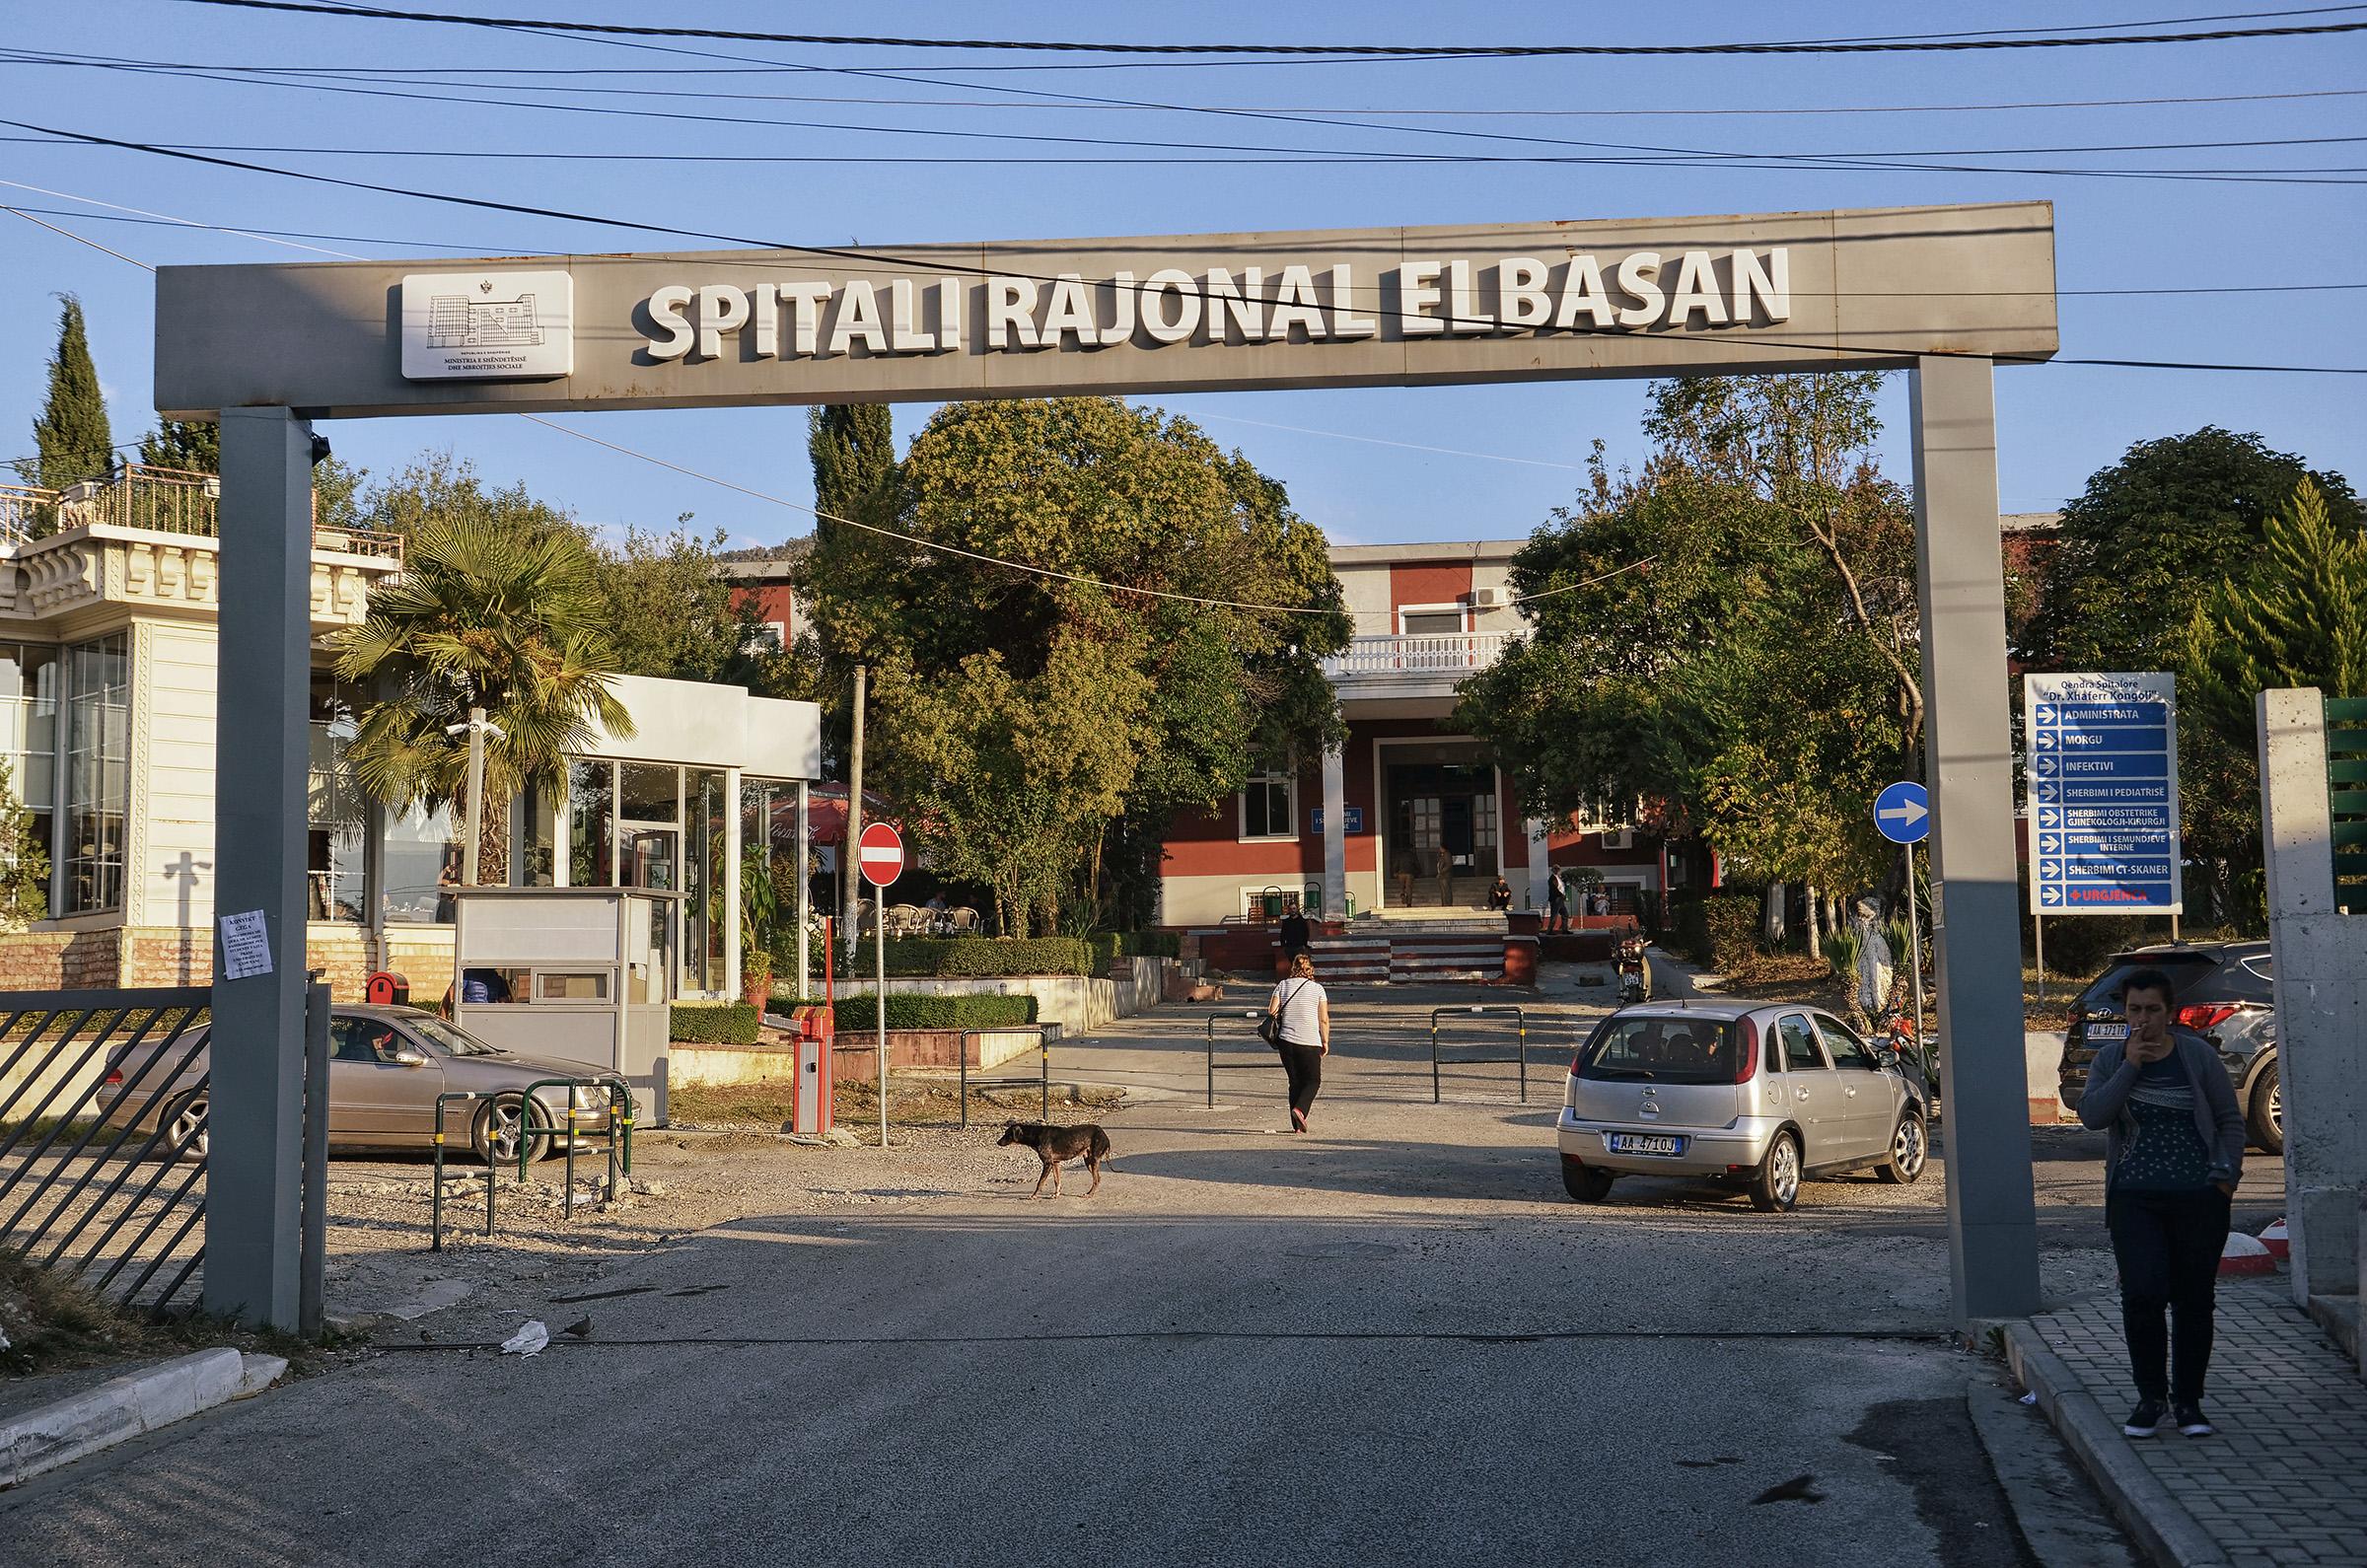 Konfirmohen pesë raste me Covid-19 në Elbasan, mes tyre mjeku pediatër